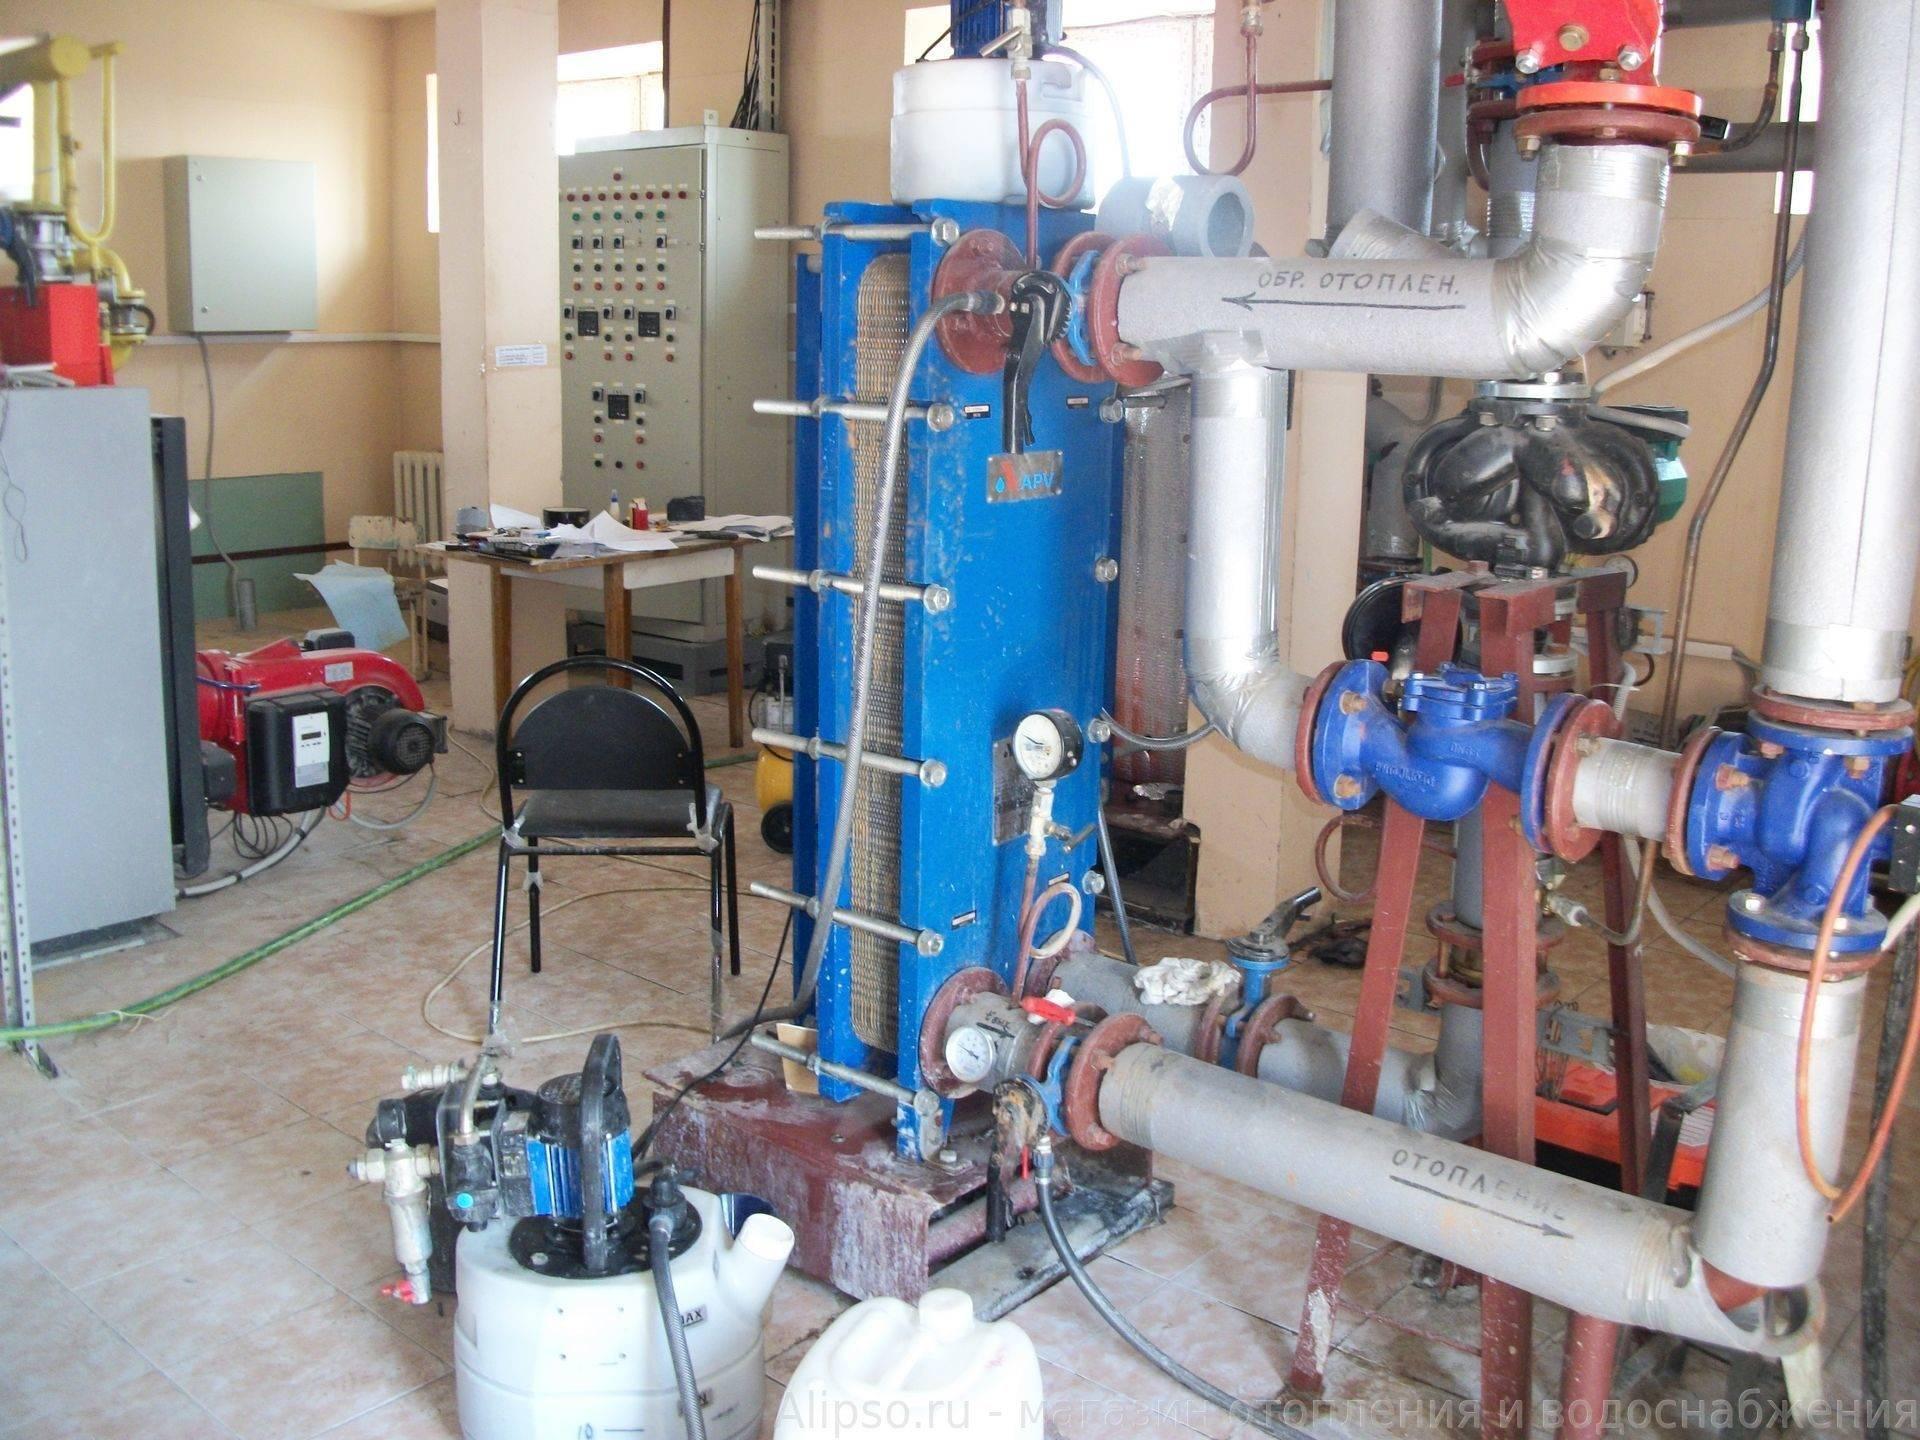 Суды об оплате теплоэнергии при демонтаже радиаторов отопления